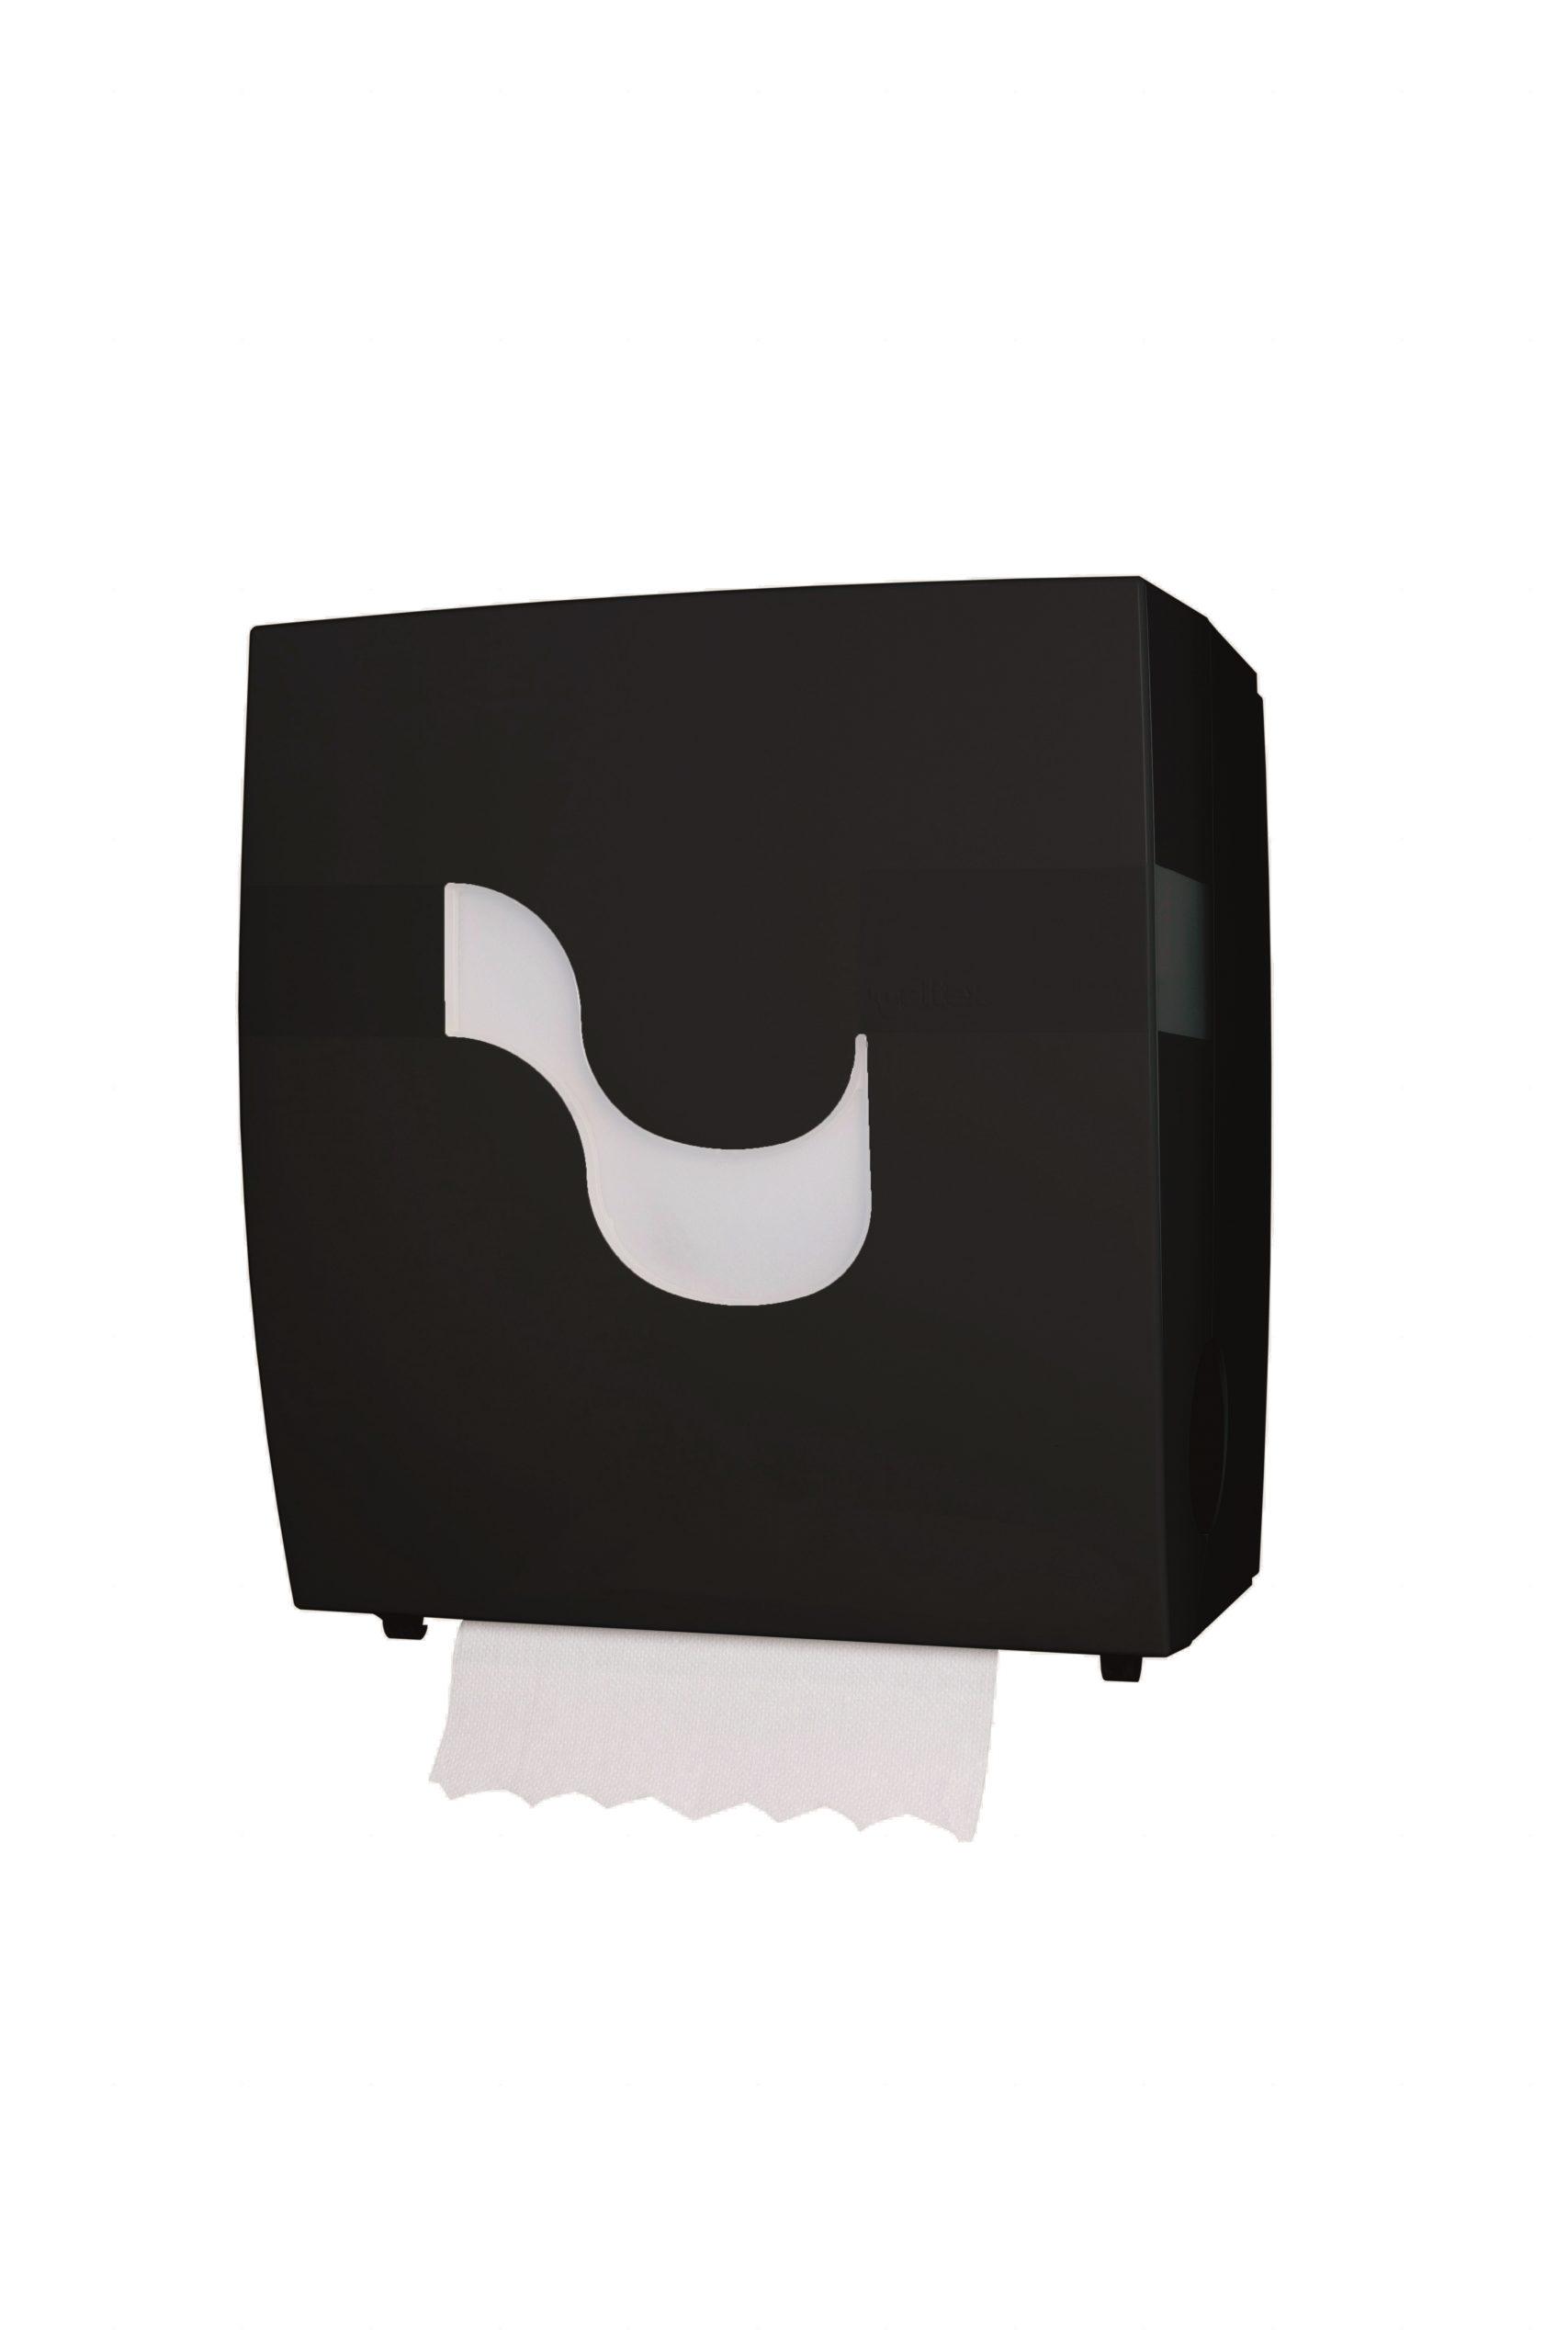 Handtuchrollenspender autocut schwarz